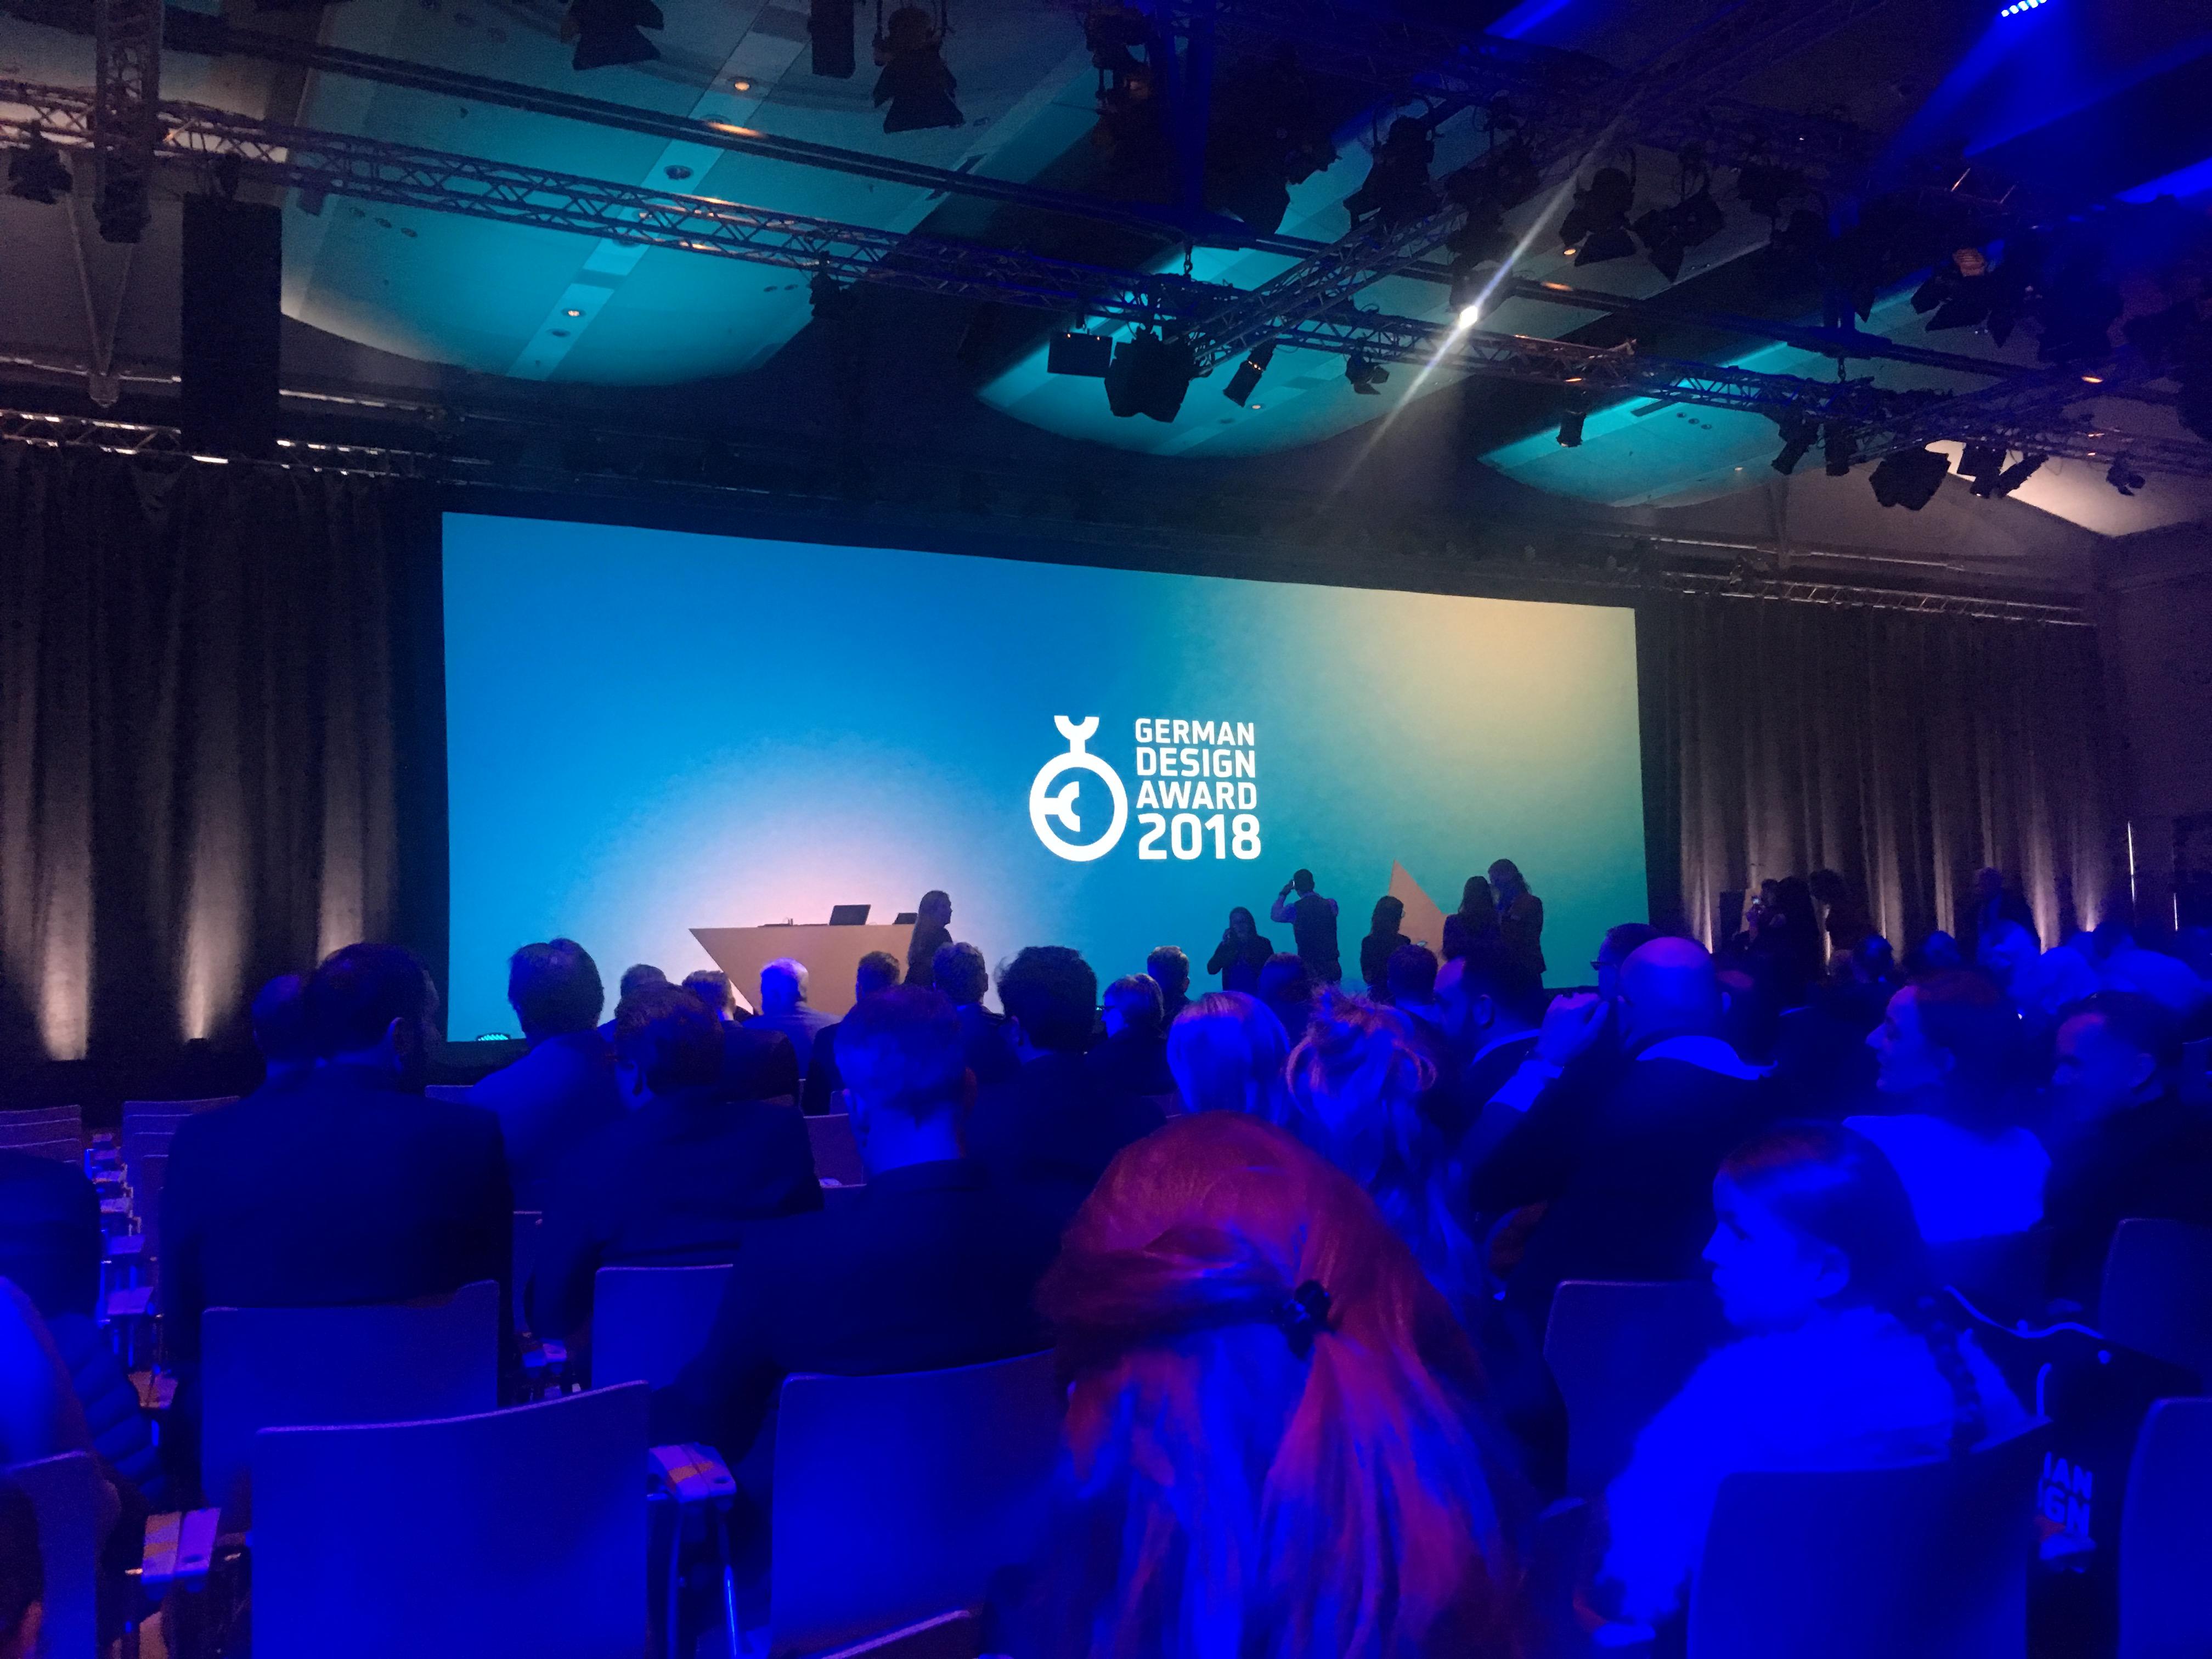 Die offizielle Preisverleihung des German Design Awards in Frankfurt